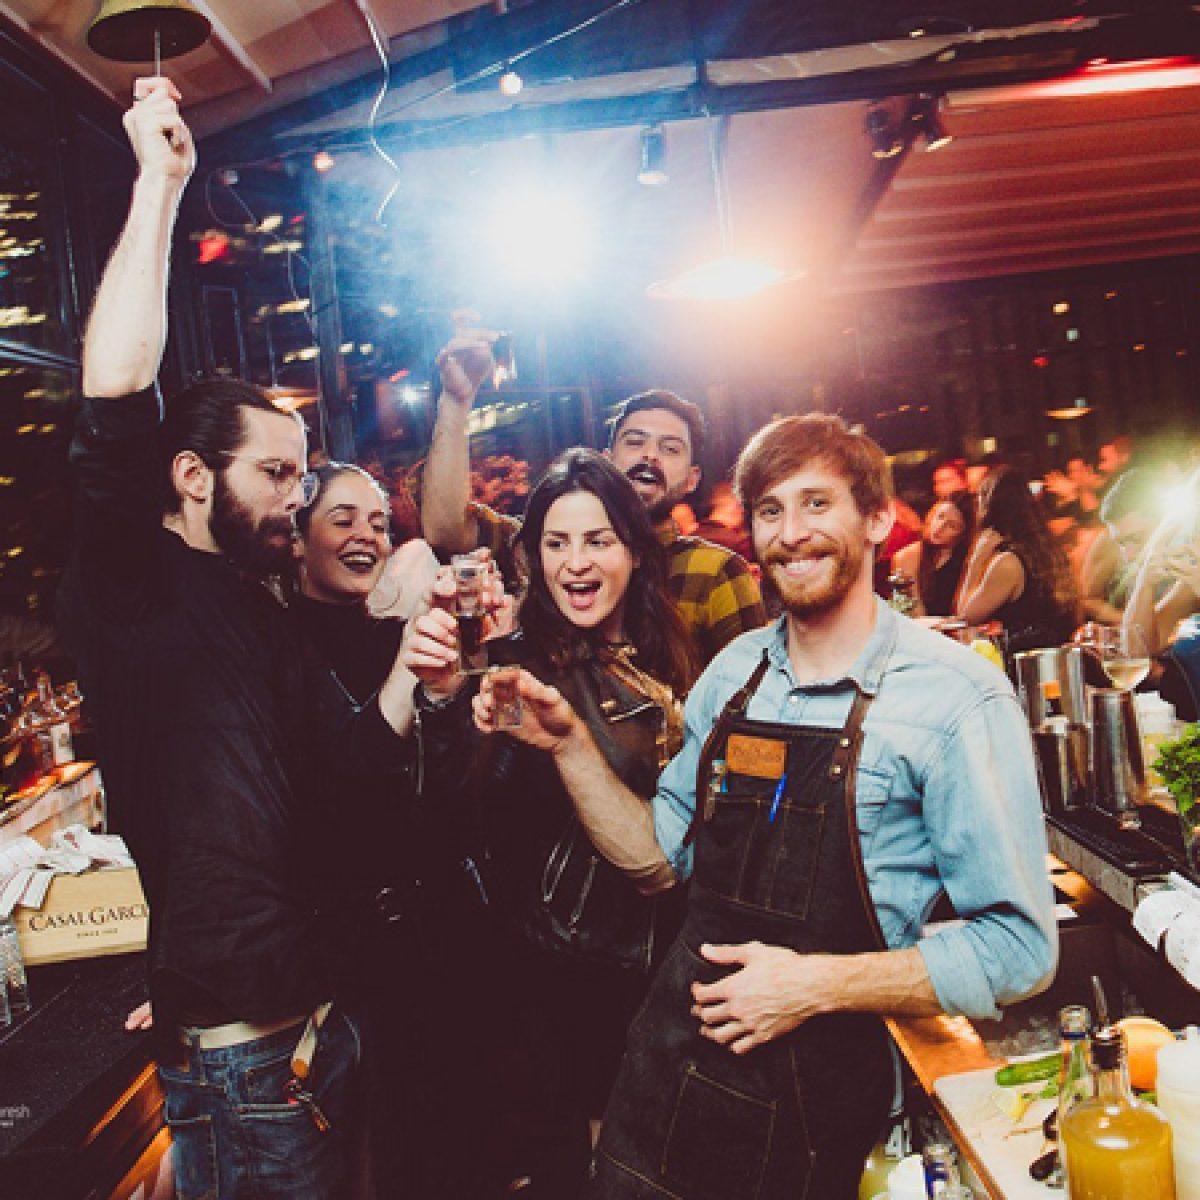 חבורה של אנשים עומדים ליד הבר שמחים, שותים ונהנים - a group of people having fun standing by the bar drinking